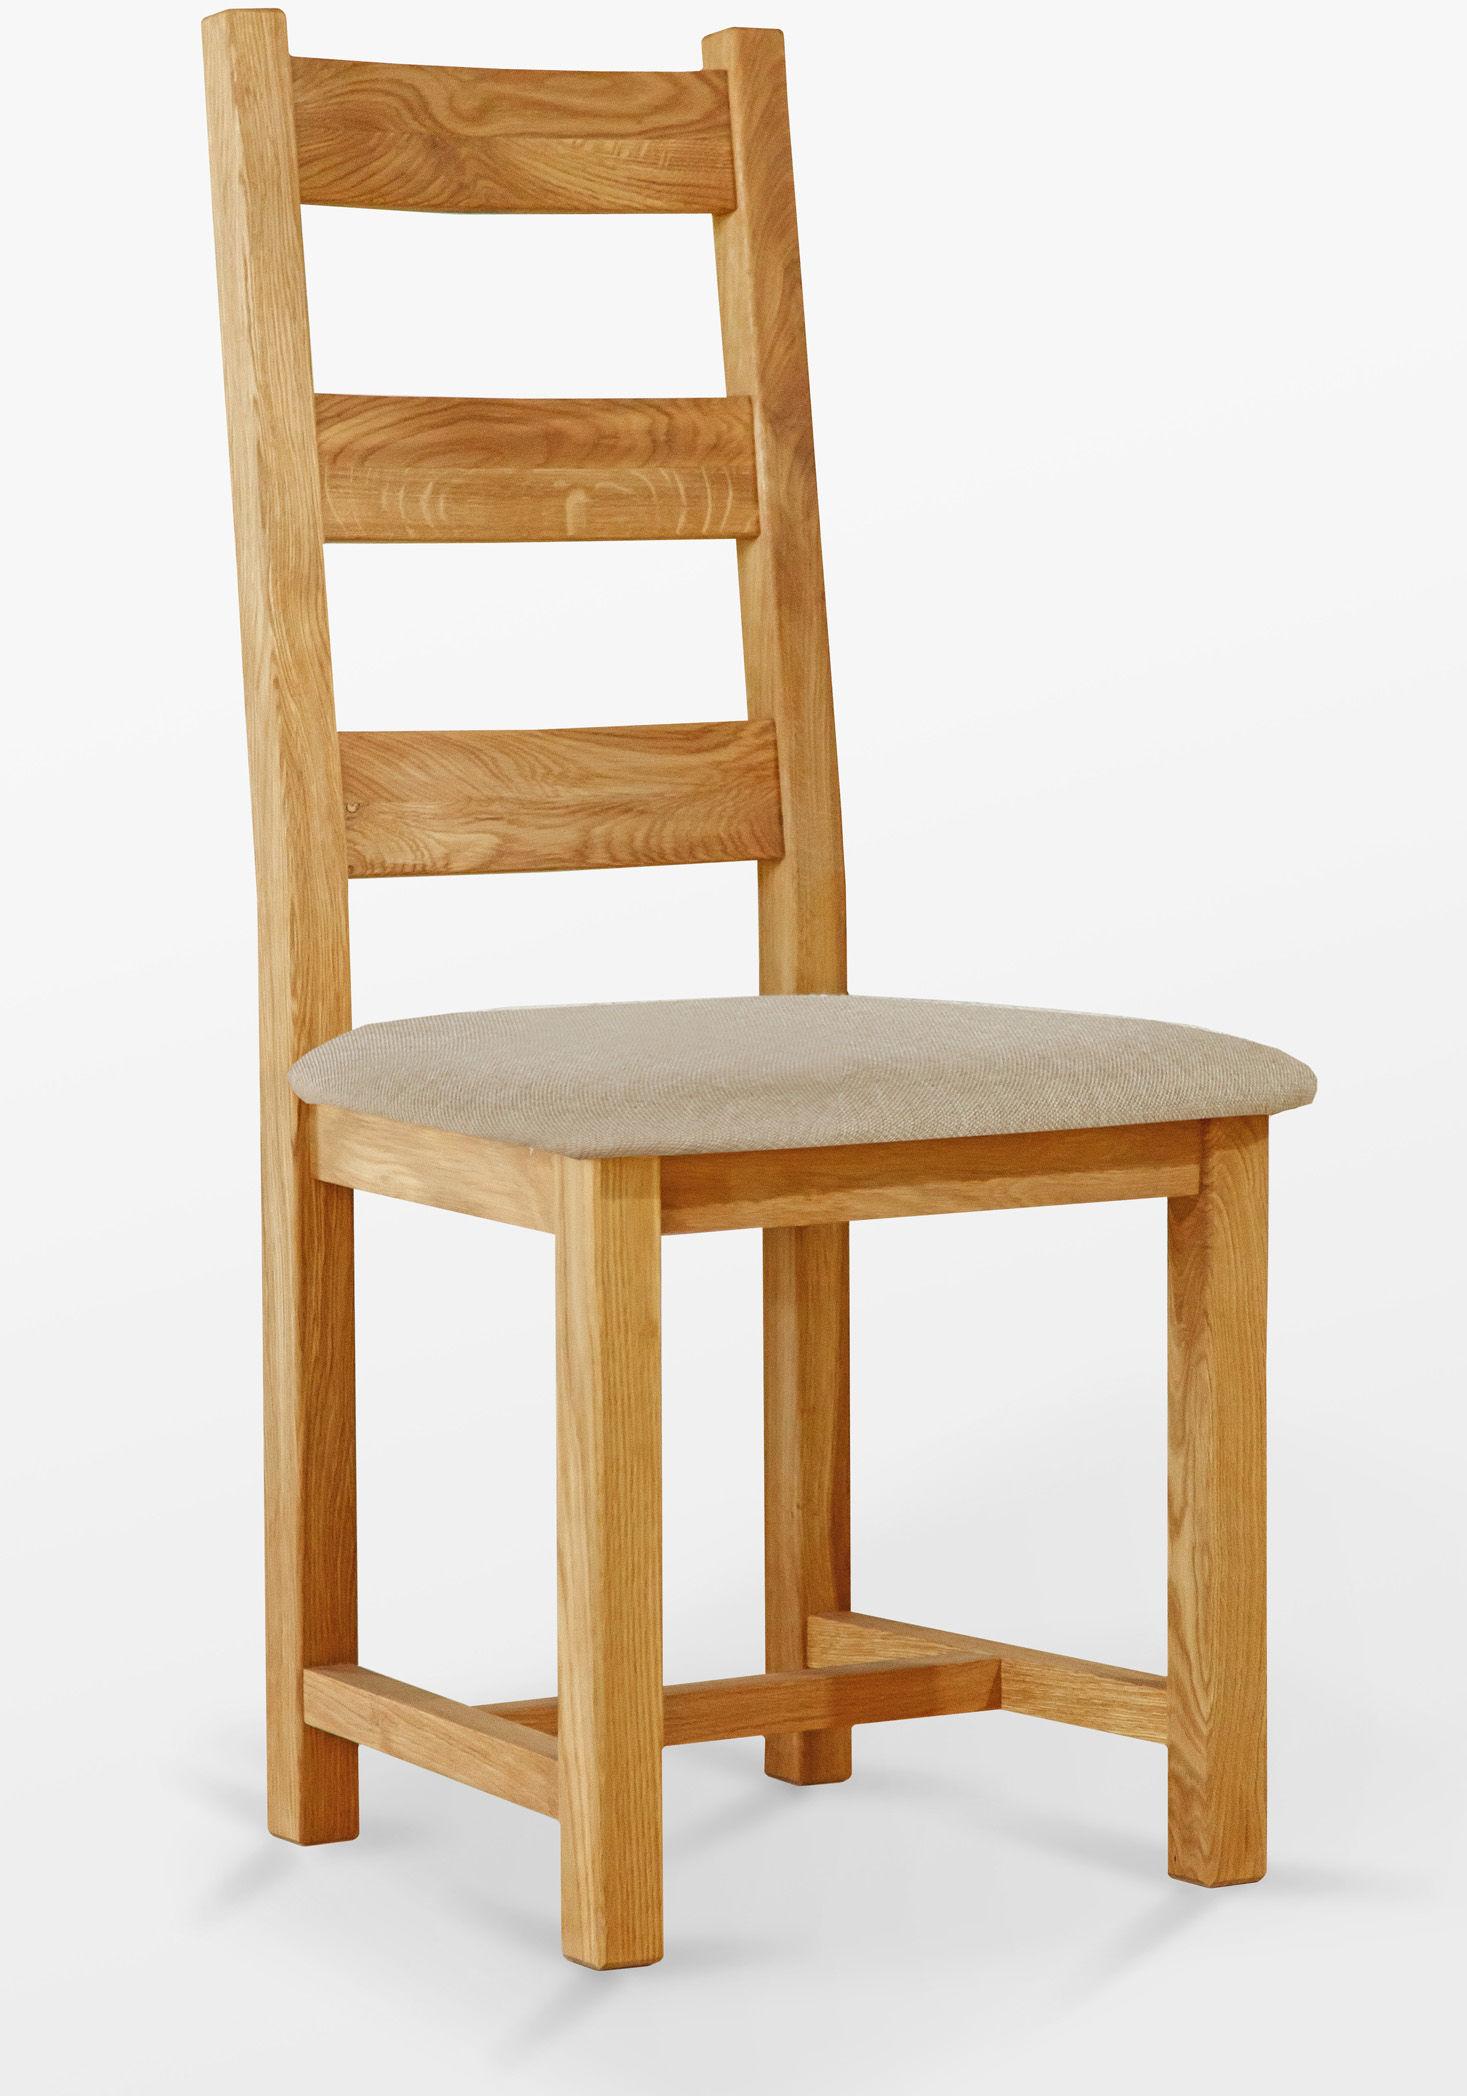 Krzesło dębowe 04 Tapicerka